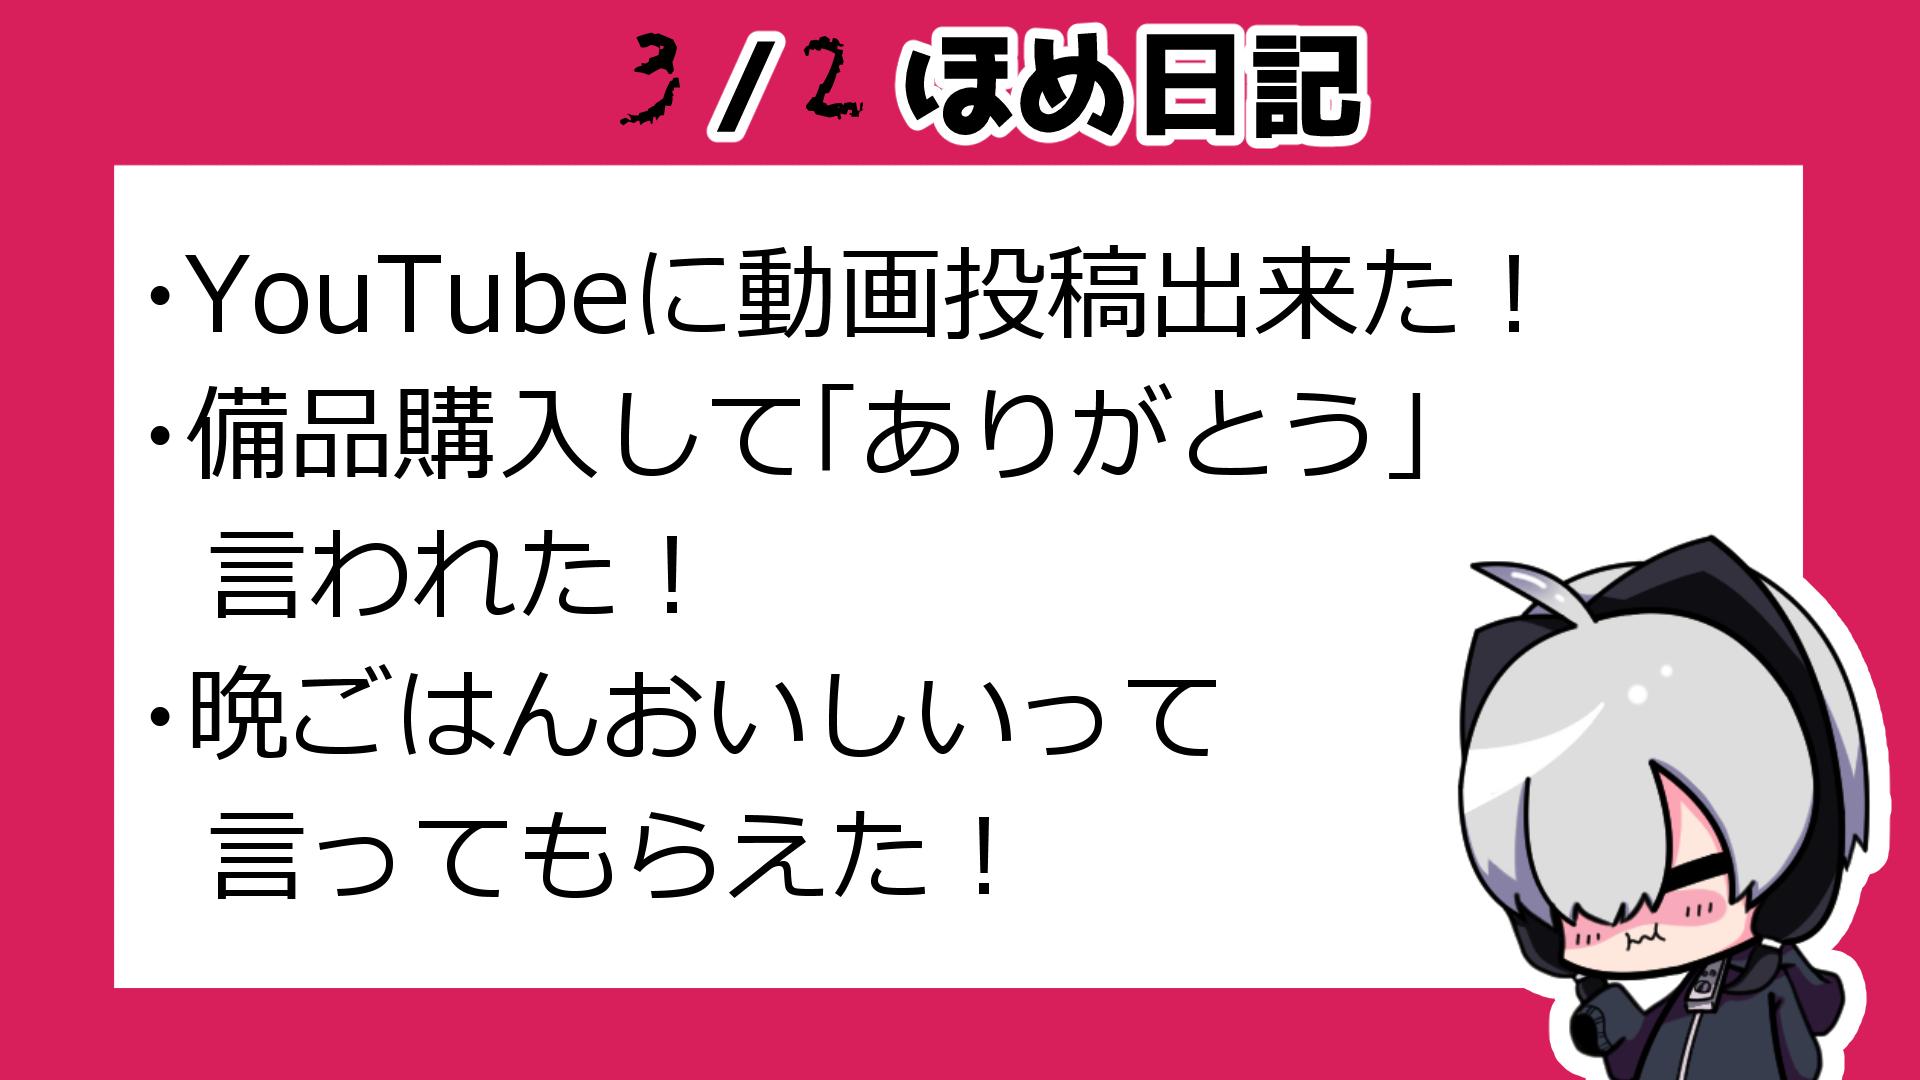 3月2日ほめ日記.png